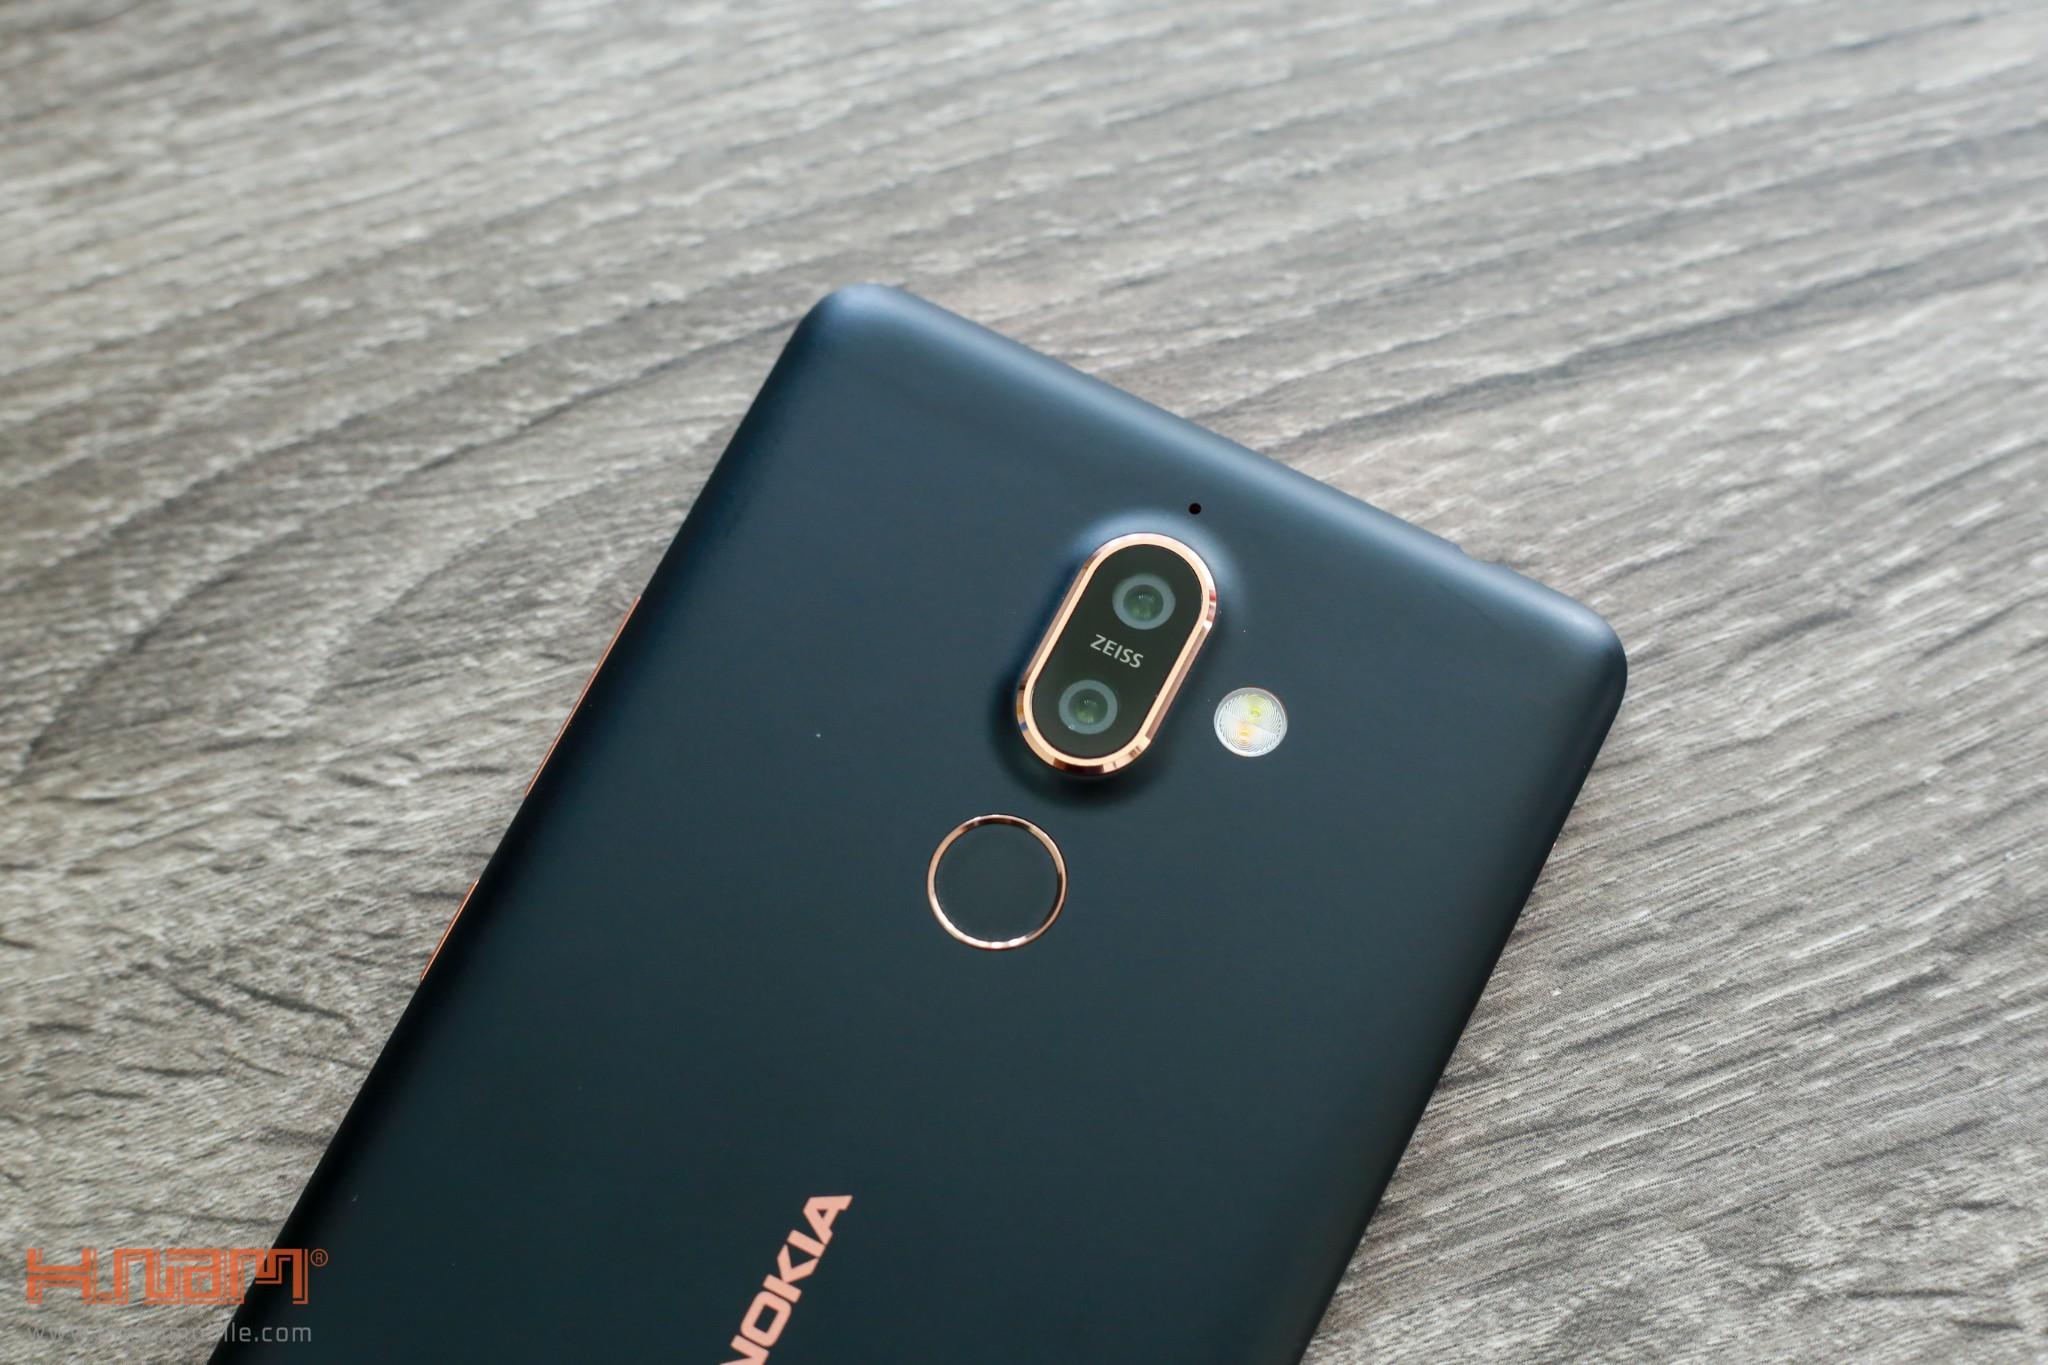 Trên tay Nokia 7 Plus: Smartphone Nokia đầu tiên có màn hình 18:9 hình 14